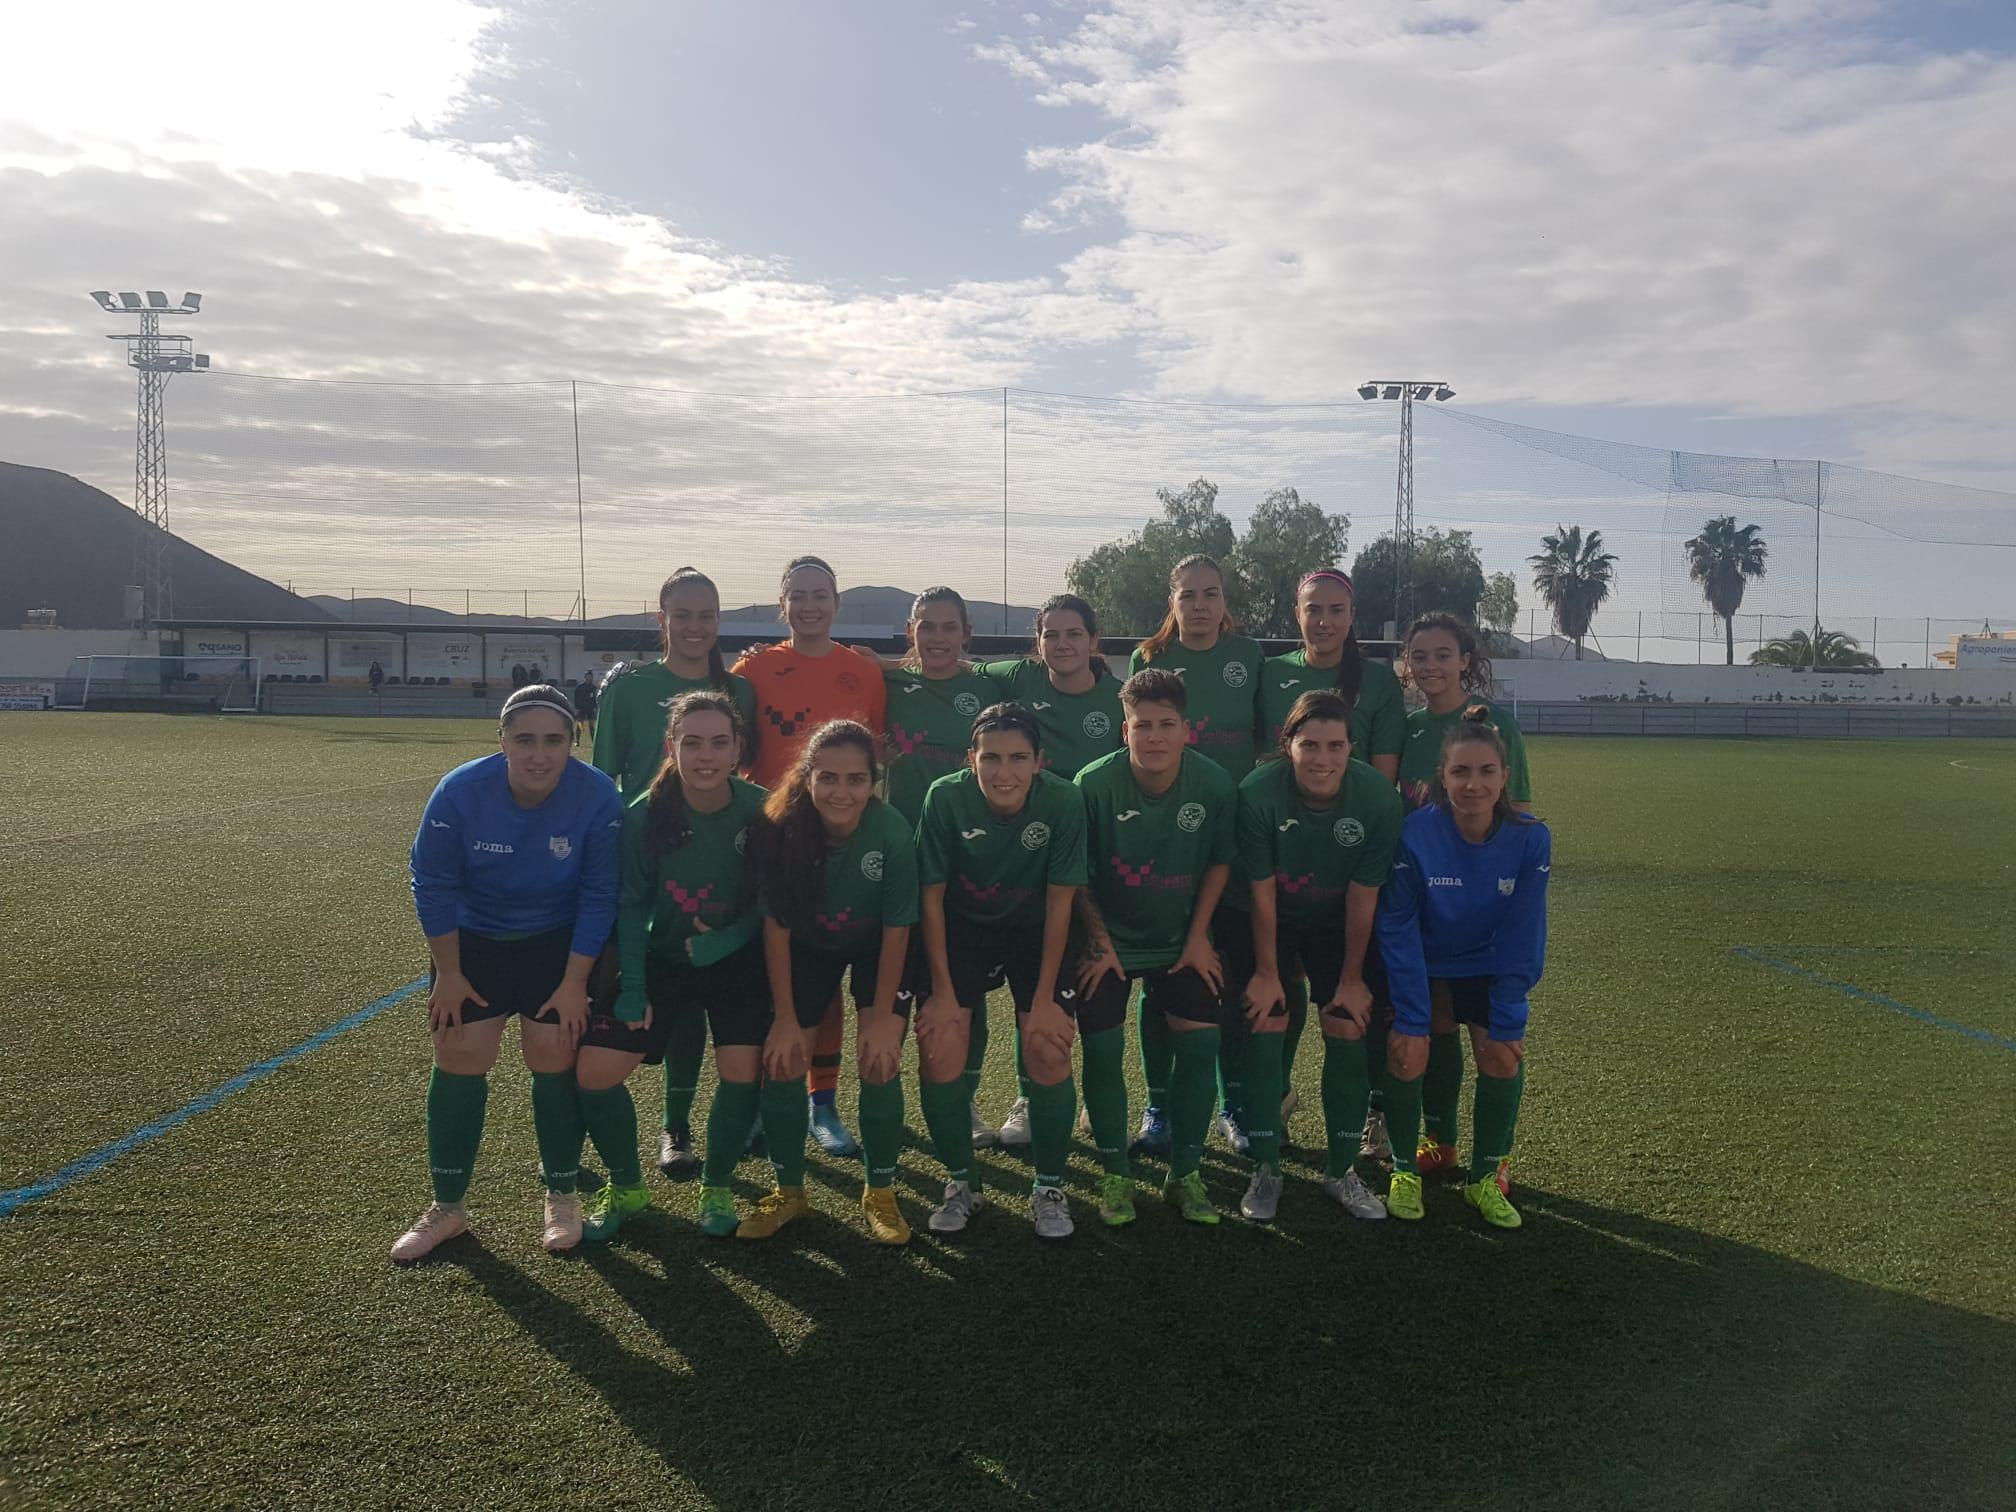 El CD El Ejido de Fútbol Femenino vence 4-0 al Oriente